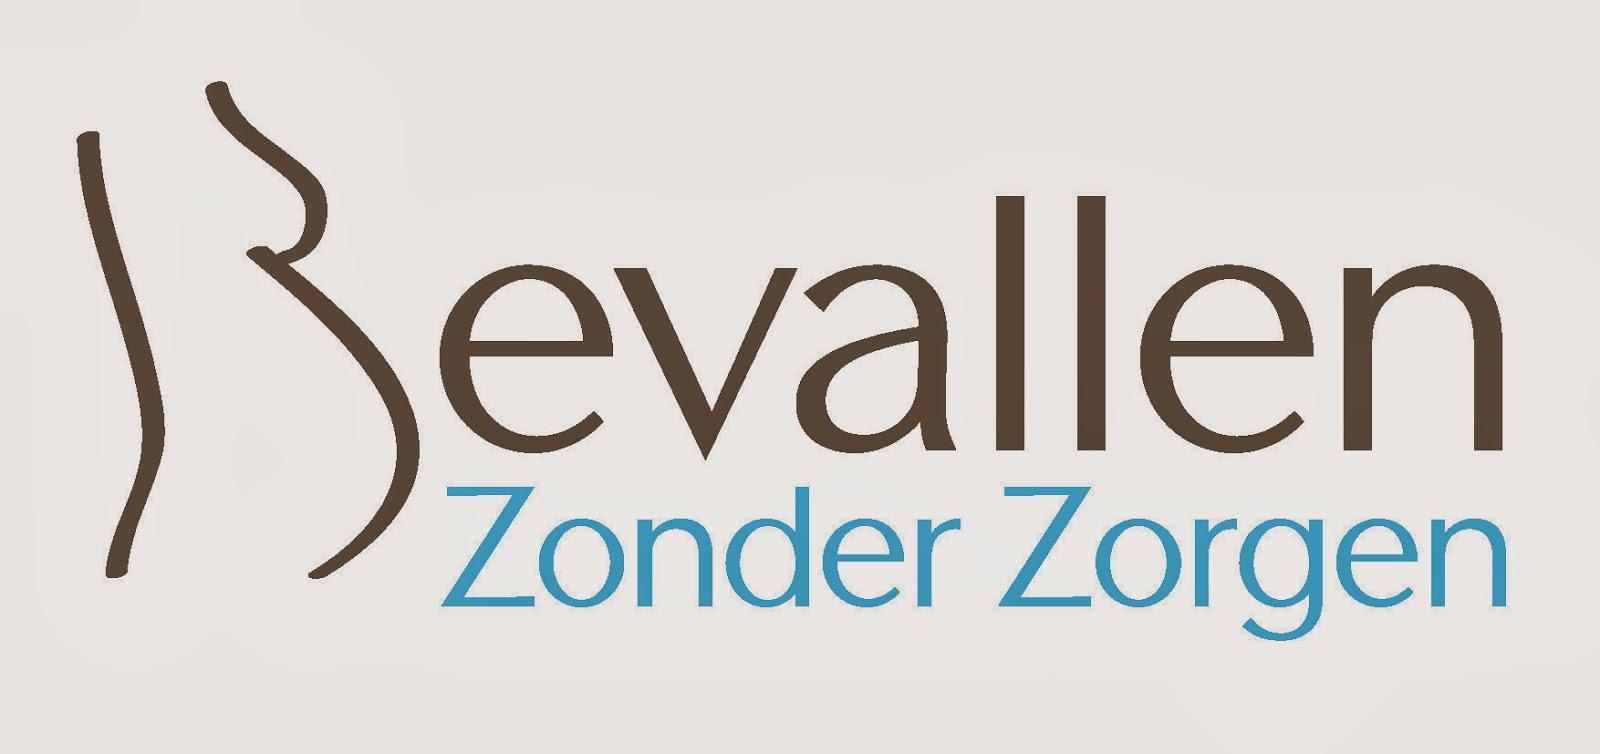 www.bevallenzonderzorgen.nl